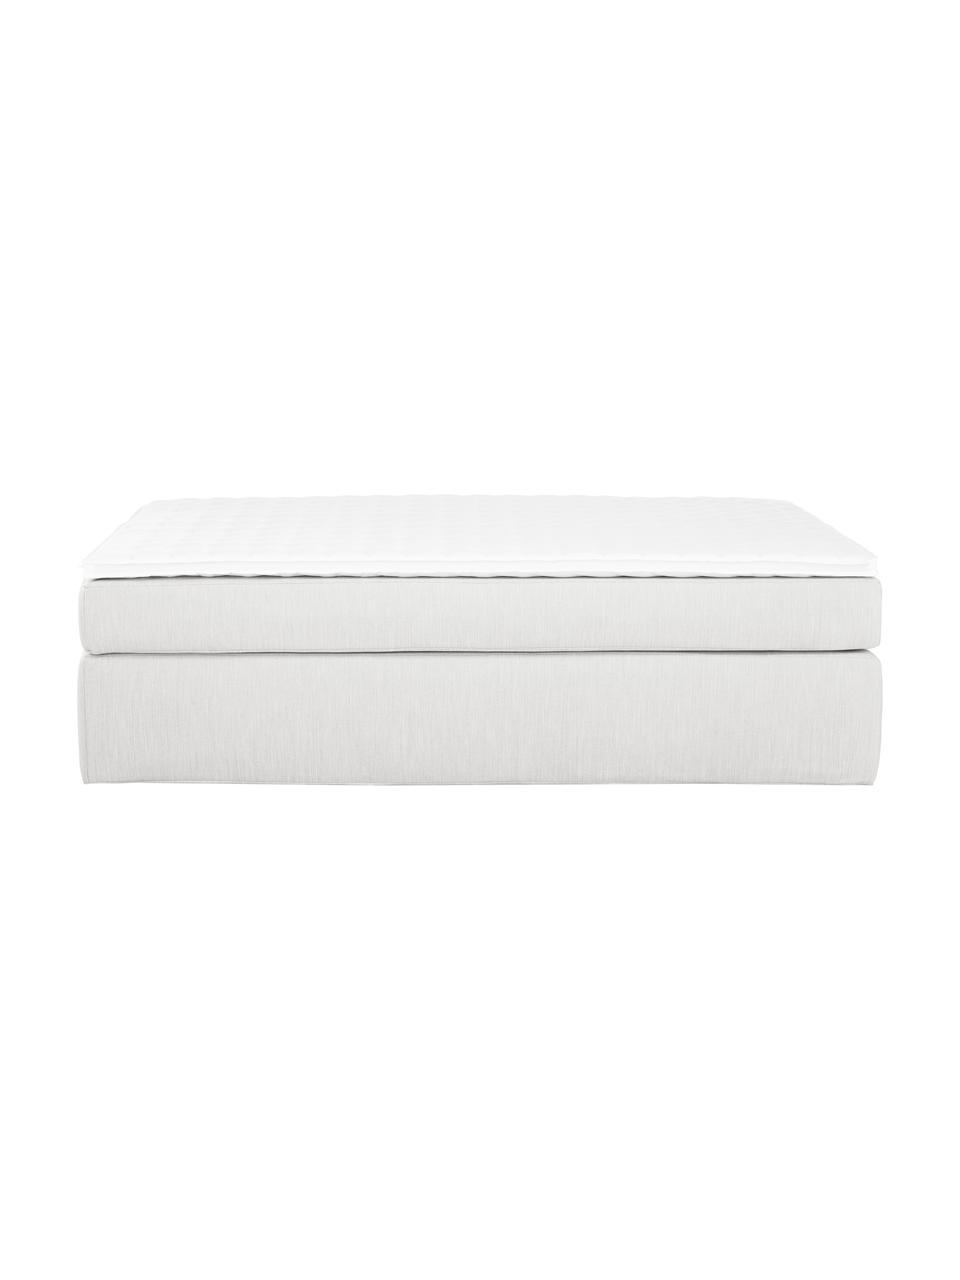 Boxspringbett Enya ohne Kopfteil in Hellgrau, Matratze: 5-Zonen-Taschenfederkern, Füße: Kunststoff, Webstoff Hellgrau, 200 x 200 cm